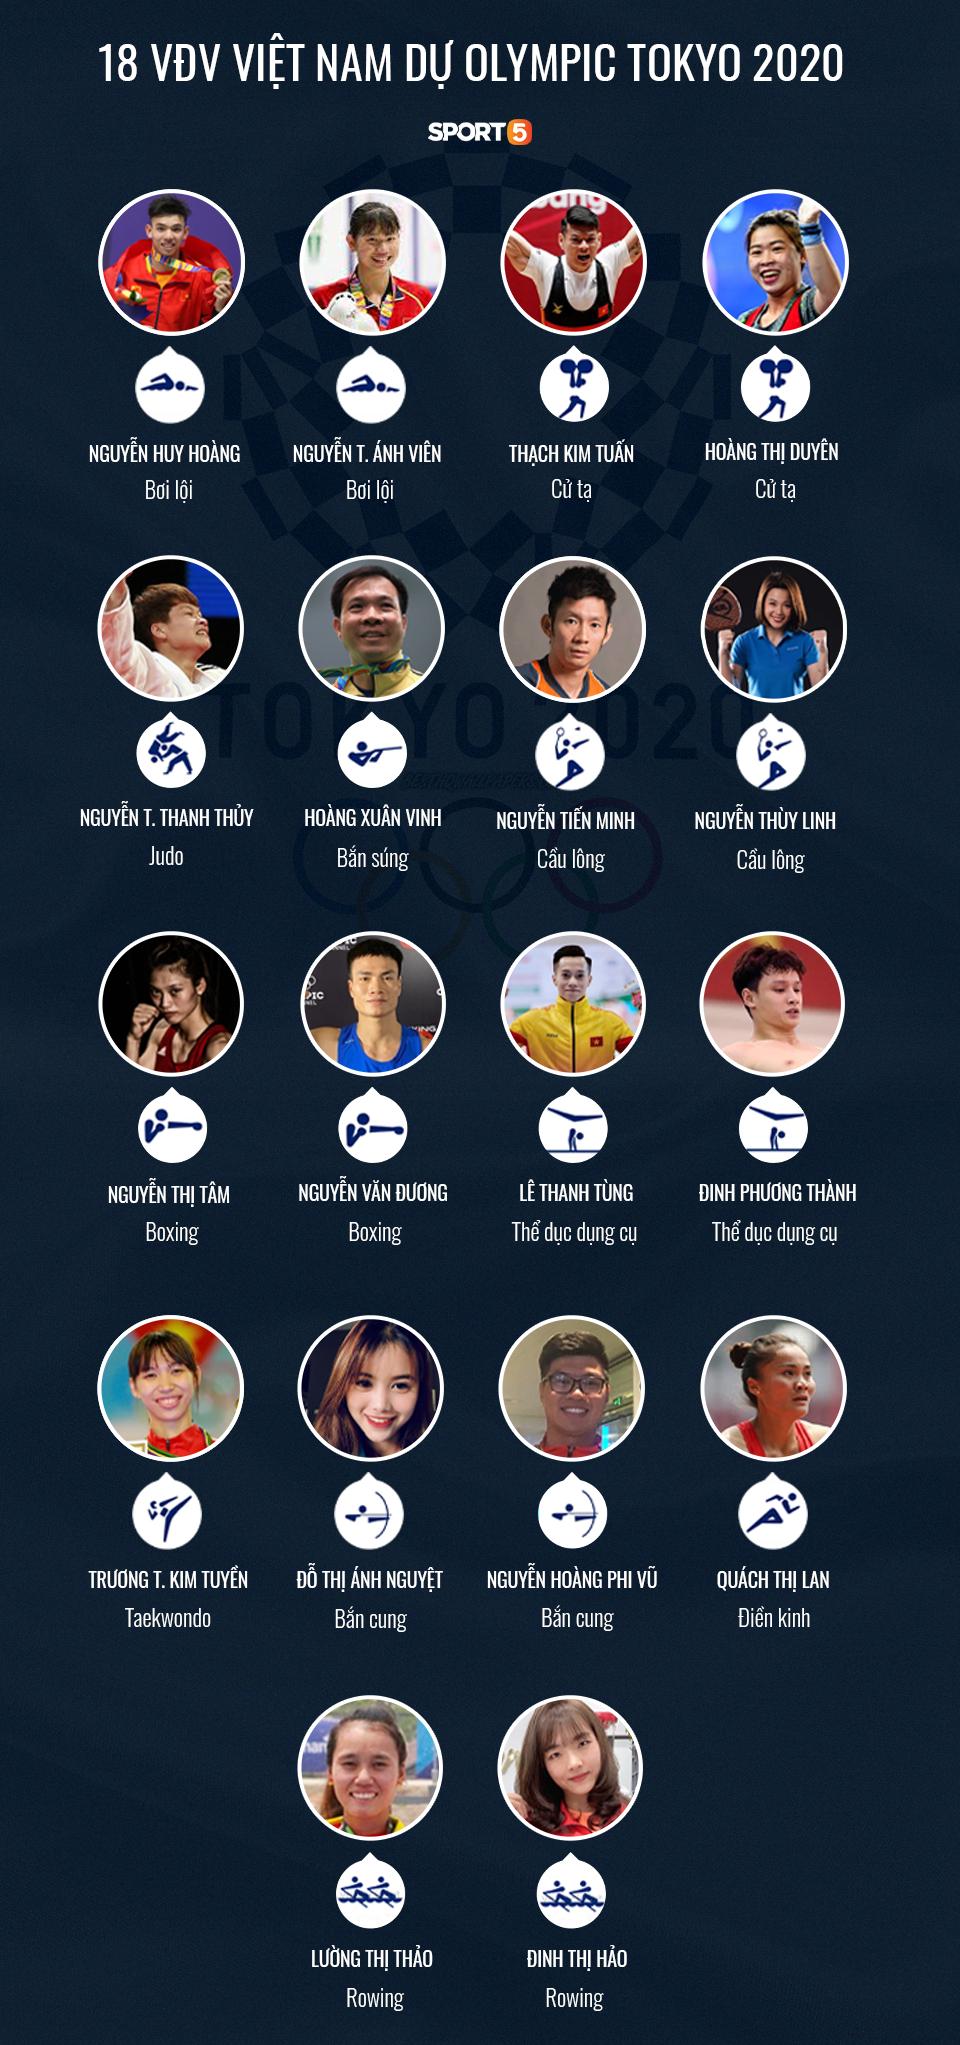 Danh sách 18 VĐV Việt Nam tham dự Olympic Tokyo 2020 (Ảnh: GN)